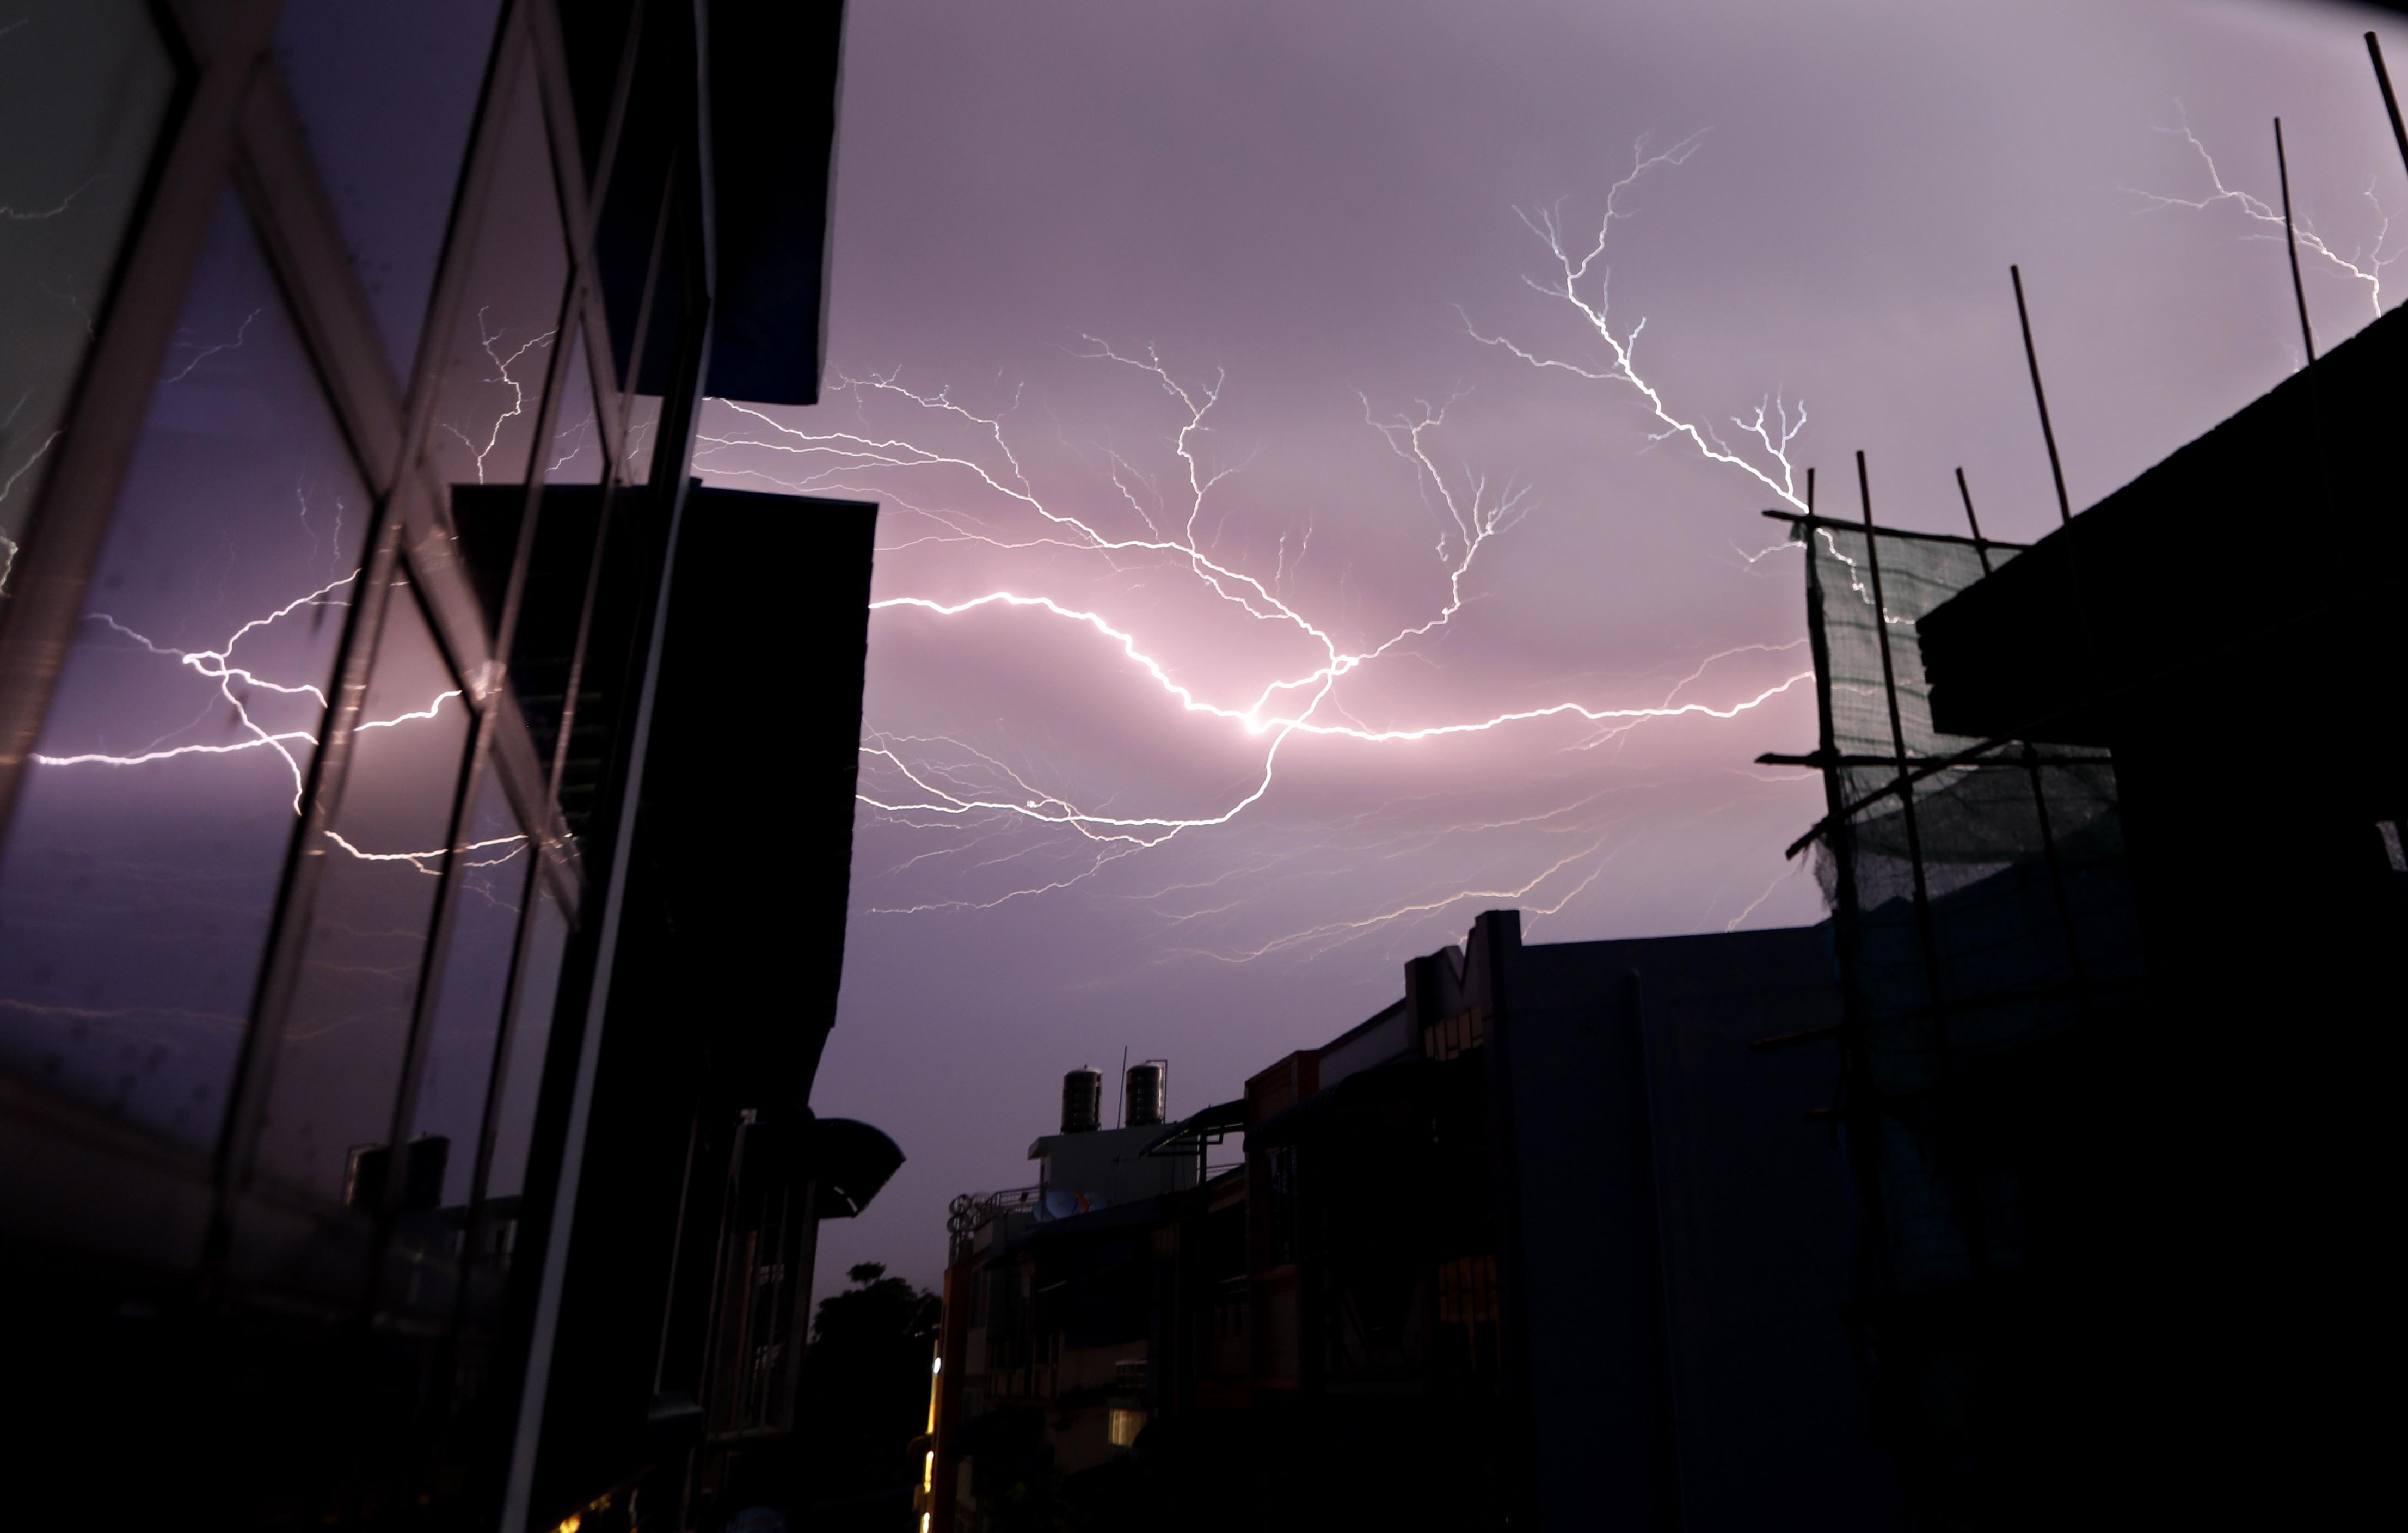 Oluja sa spektakularnim munjama pogodila dijelove Velike Britanije